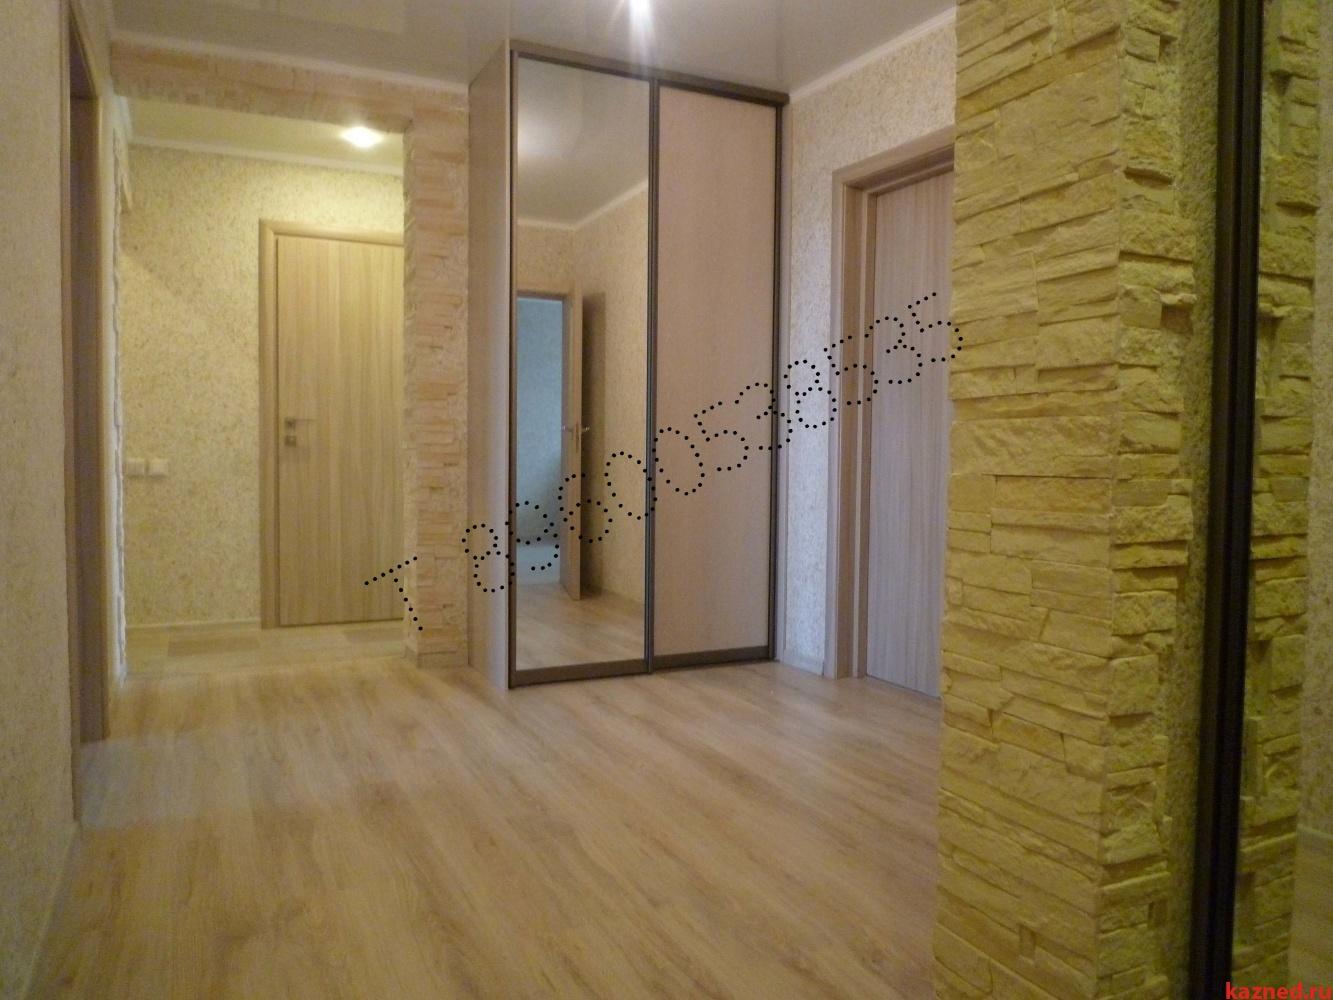 Продажа 4-к квартиры Амирхана Еники 4/2, 105 м² (миниатюра №1)